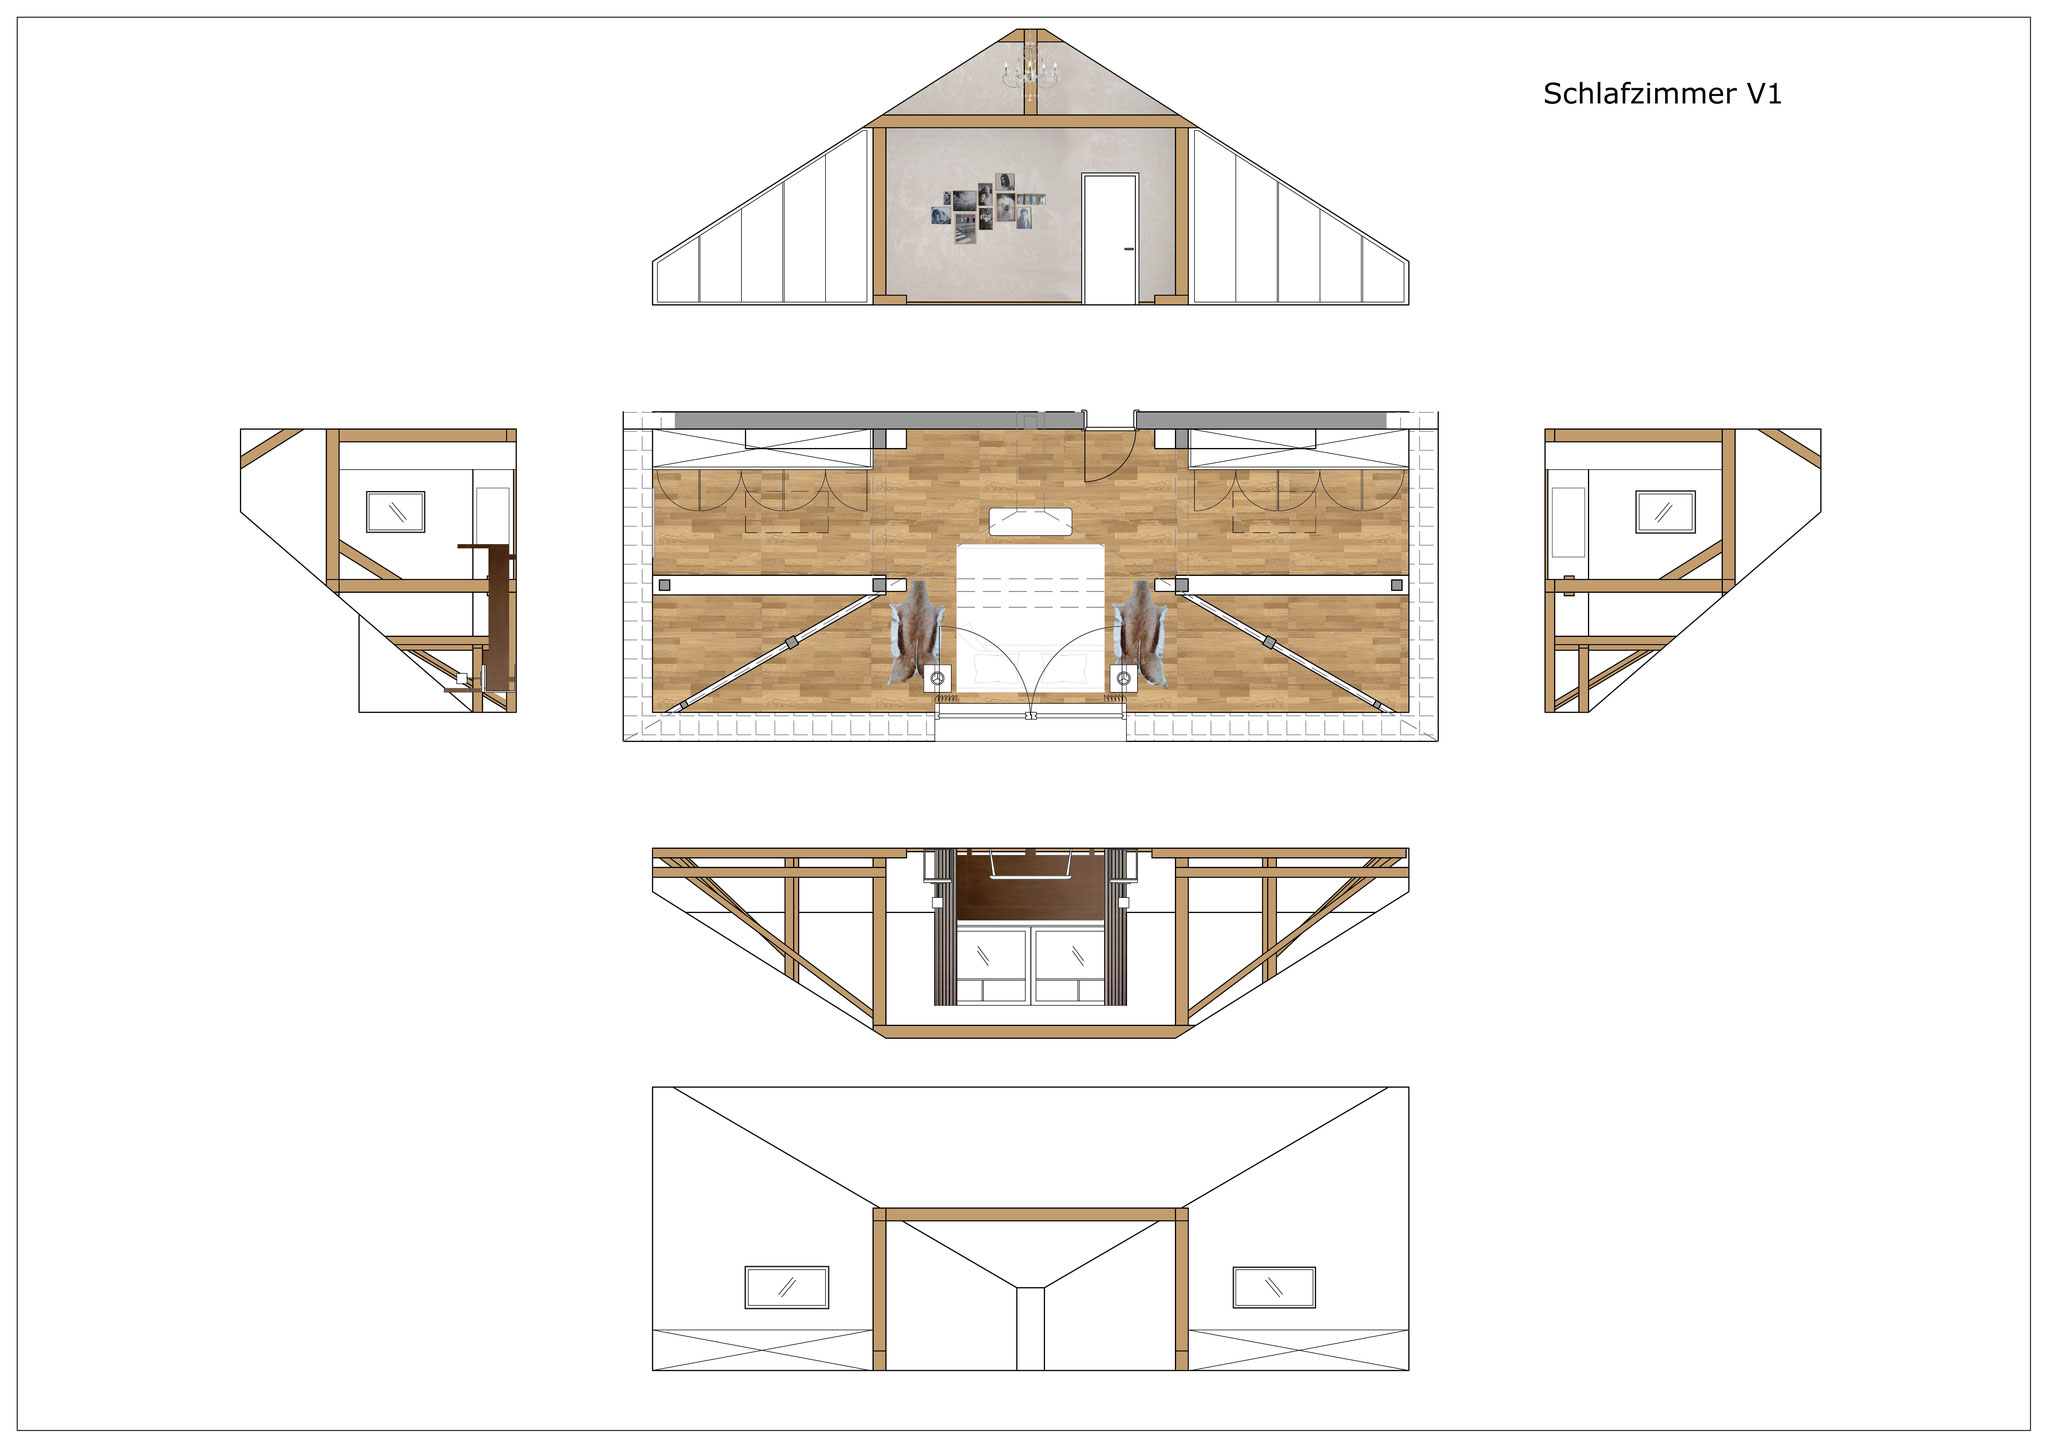 Konzept Schlafzimmer Dachgeschoss V1